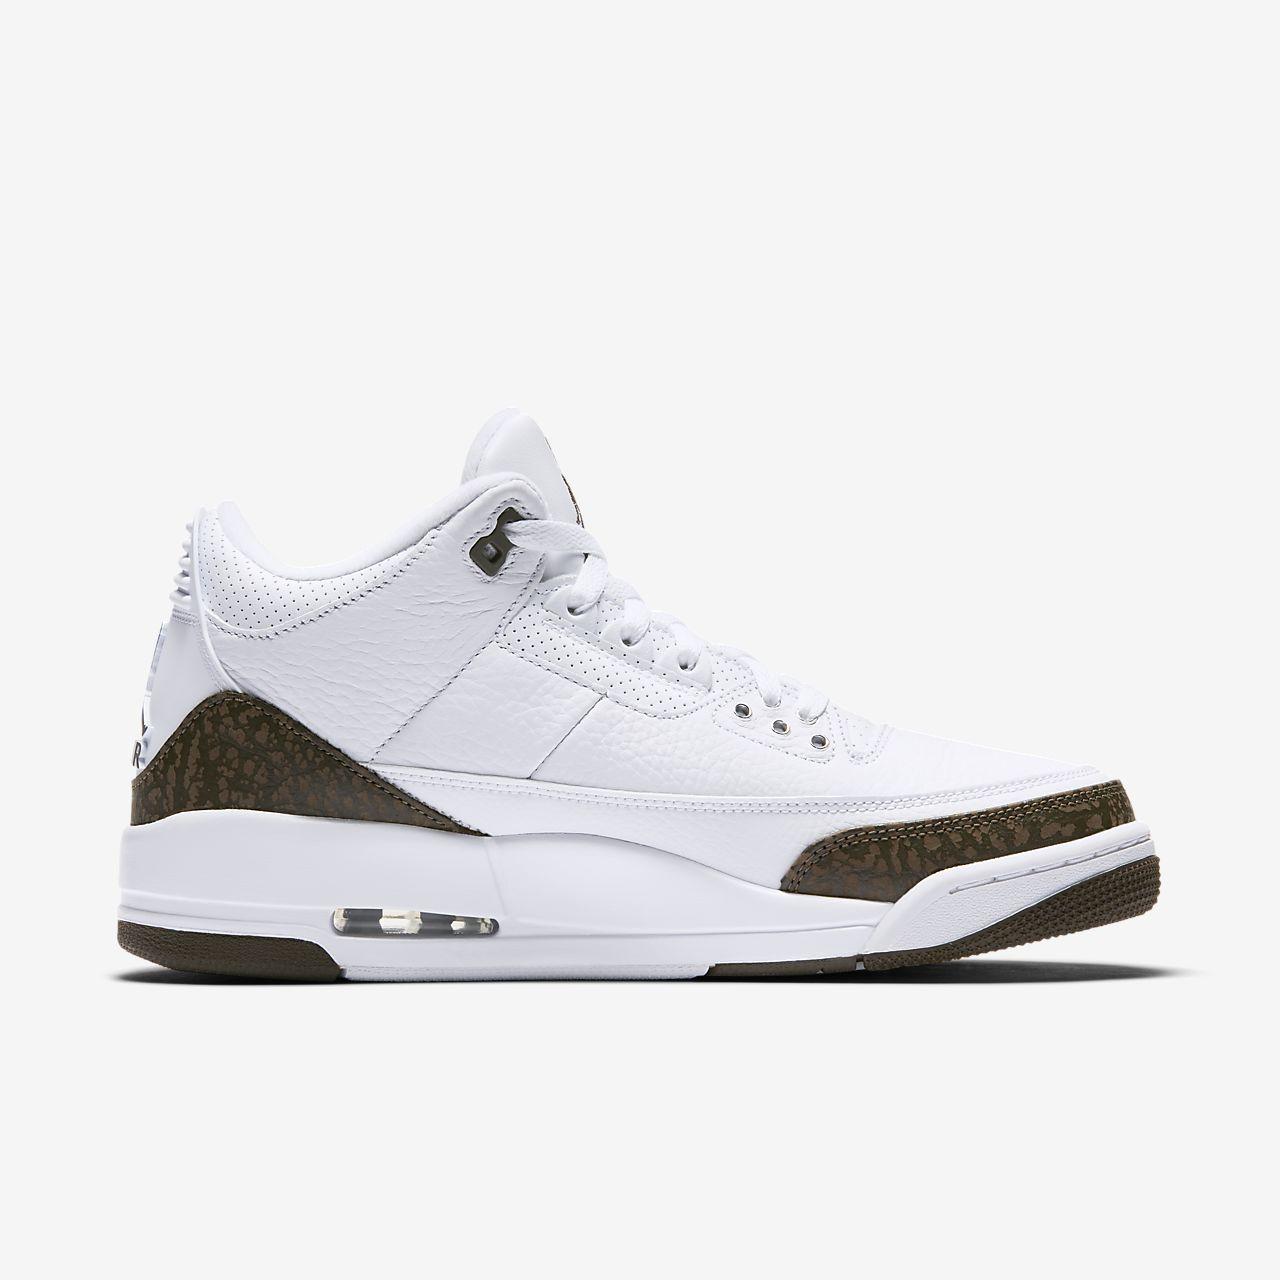 d449baac5035 Air Jordan 3 Retro Men s Shoe. Nike.com IN